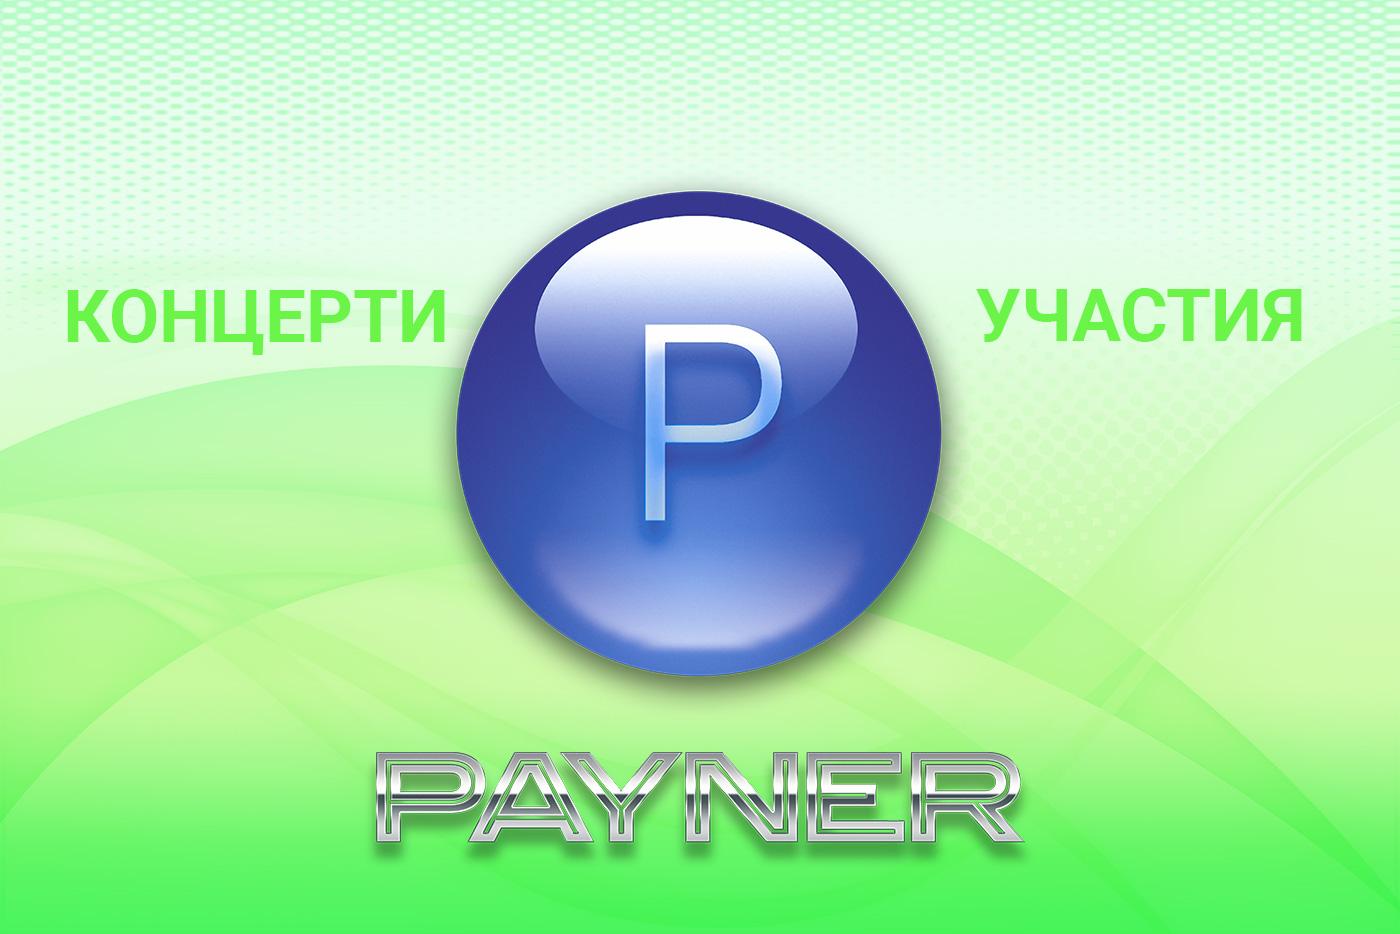 """Участия на звездите на """"Пайнер"""" на 28.11.2019"""